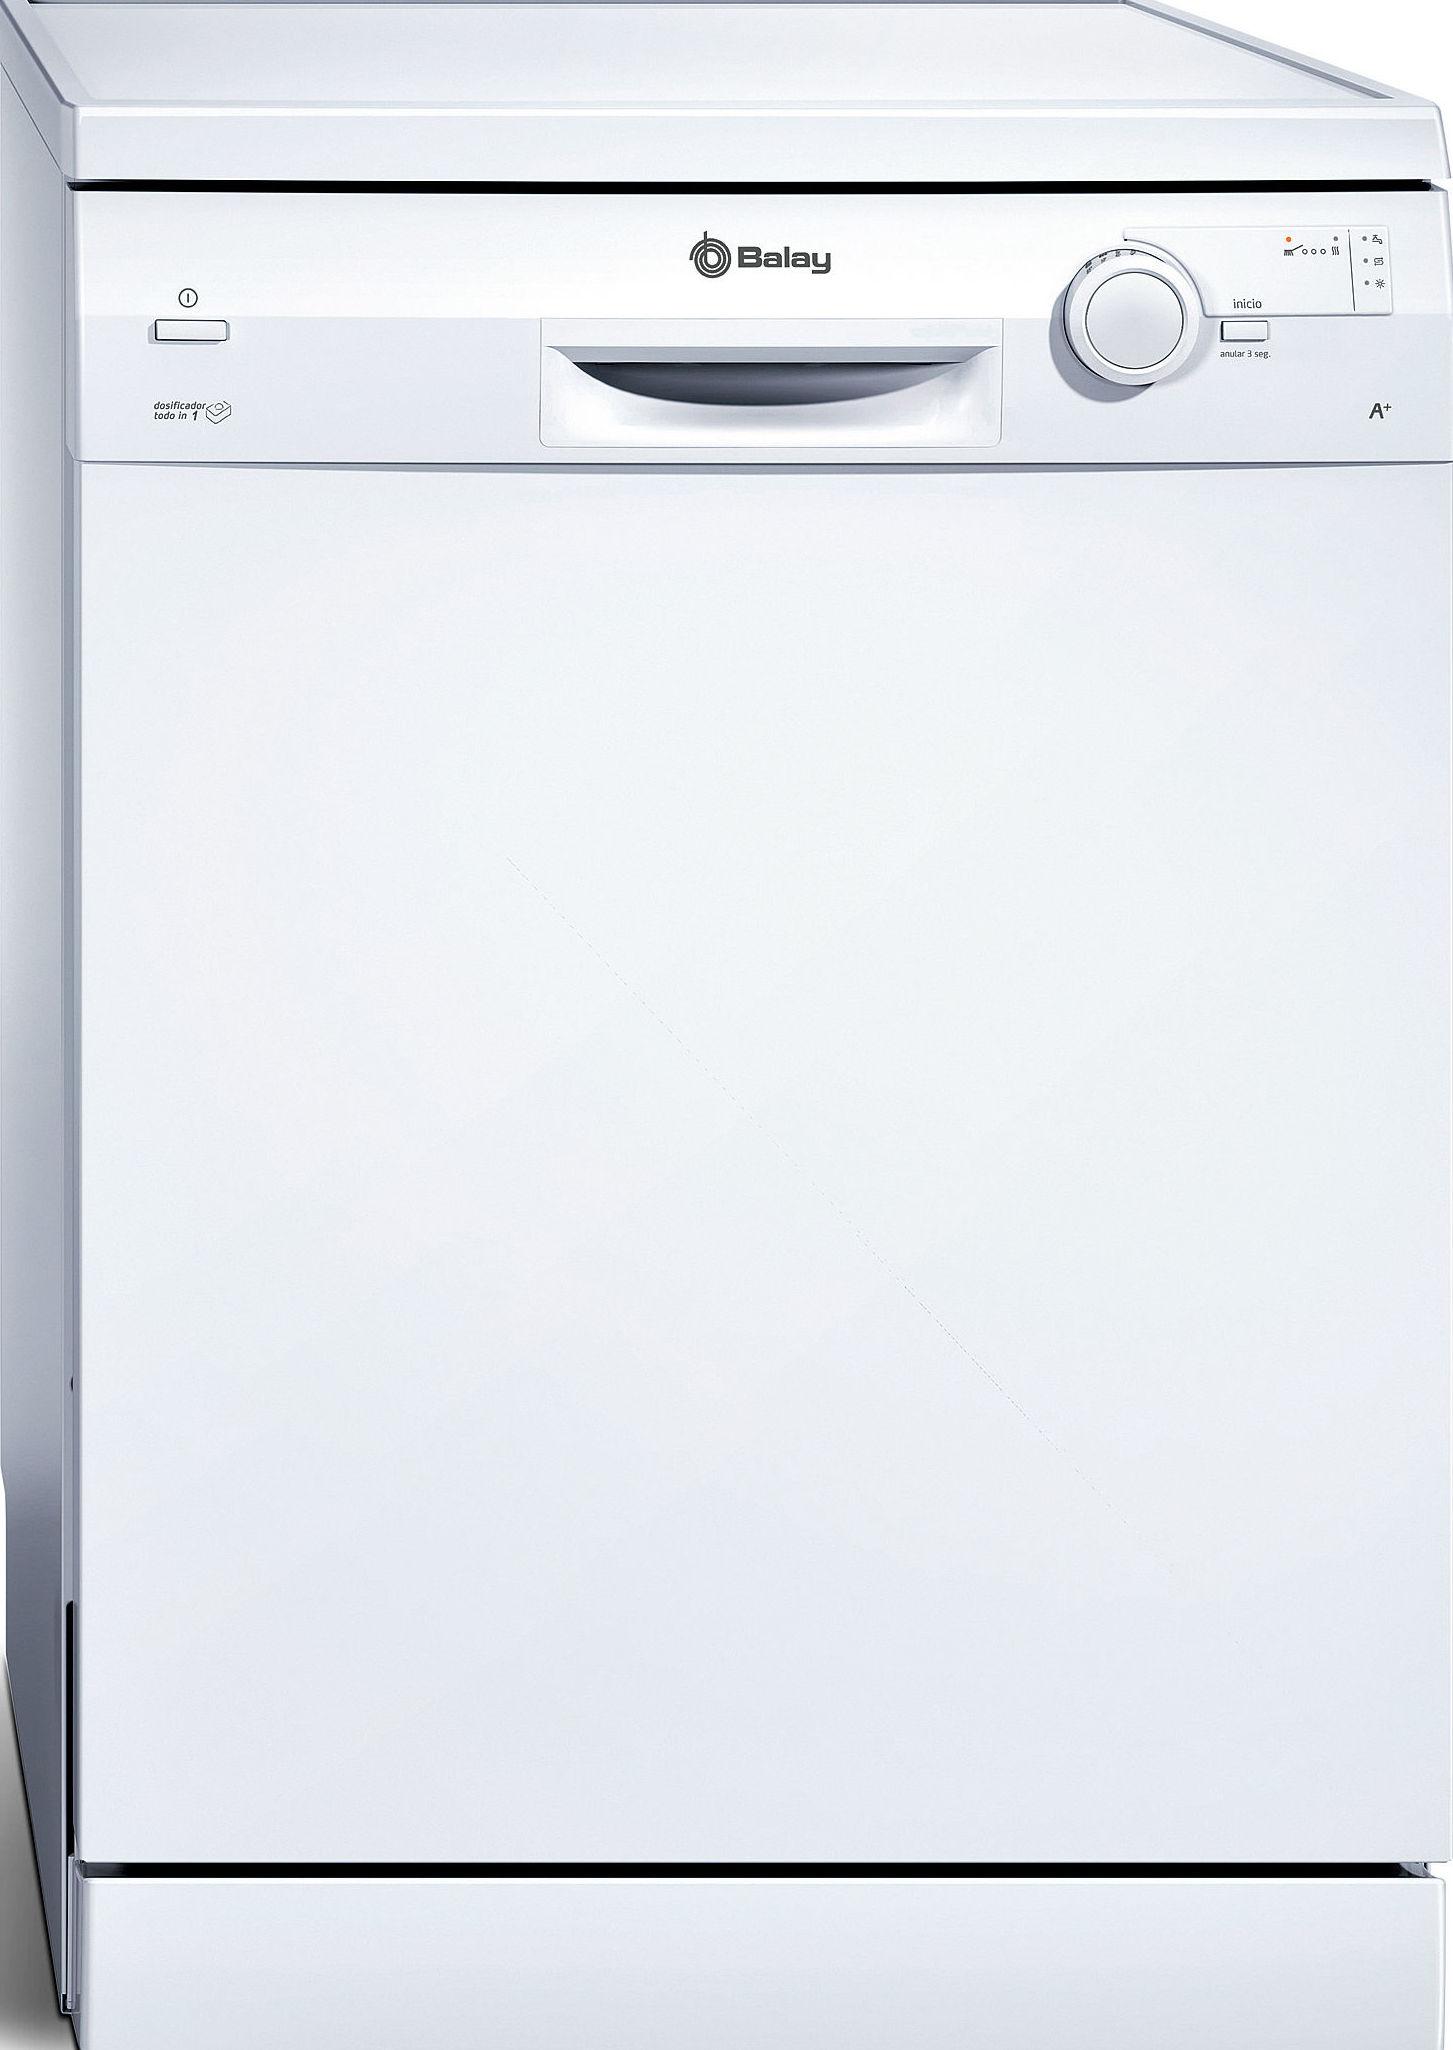 LAVAV. BALAY 3VS306BP BLANCO 5/P 12/C A+ ---295€: Productos y Ofertas de Don Electrodomésticos Tienda online